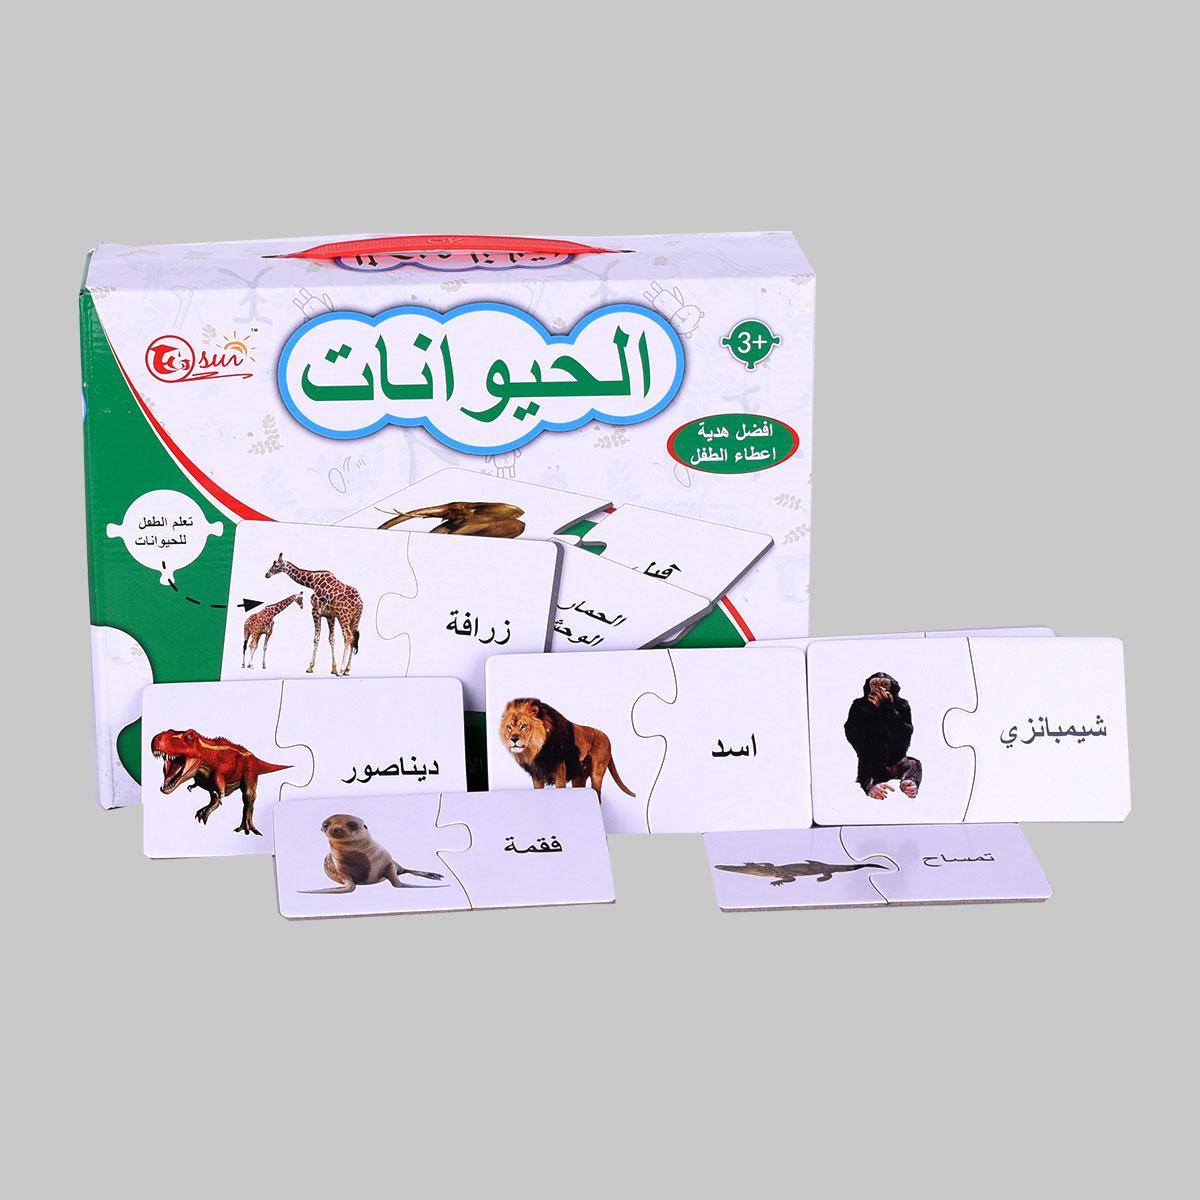 لعبه تعليم الحيوانات للاطفال موديل 600581